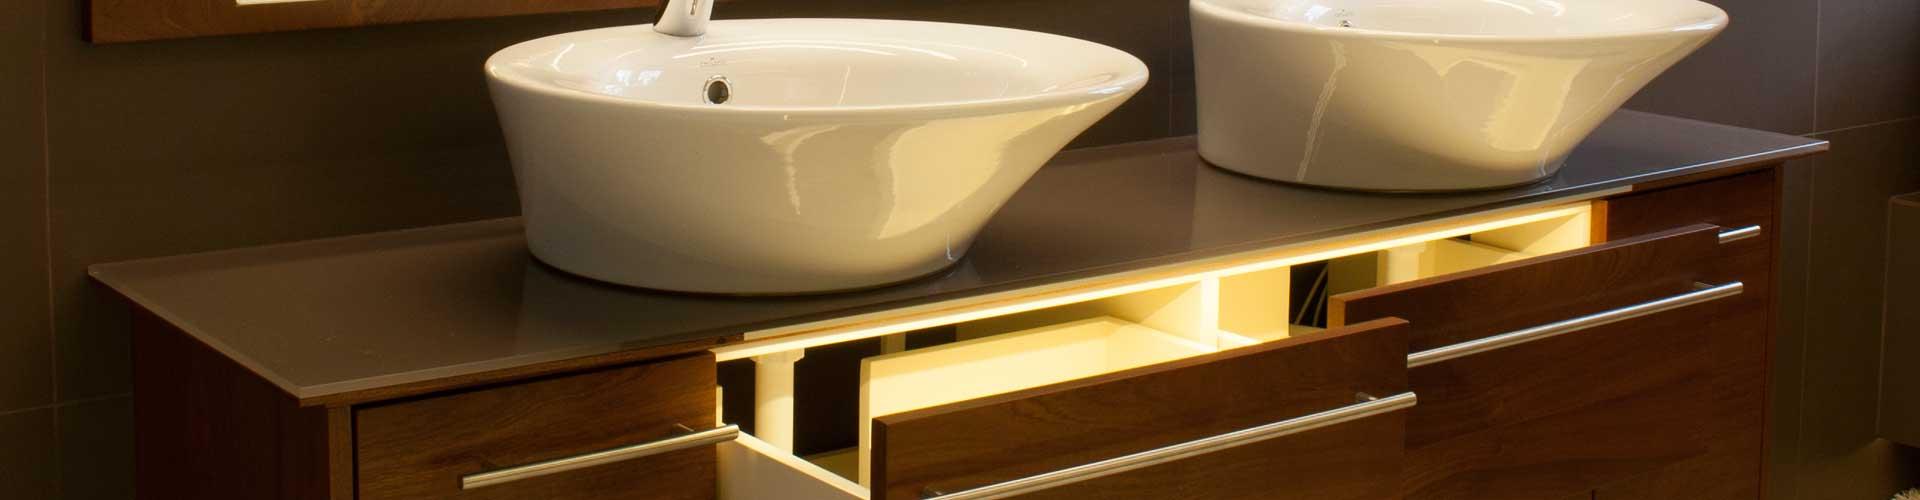 led beleuchtung led streifen hier g nstig kaufen. Black Bedroom Furniture Sets. Home Design Ideas